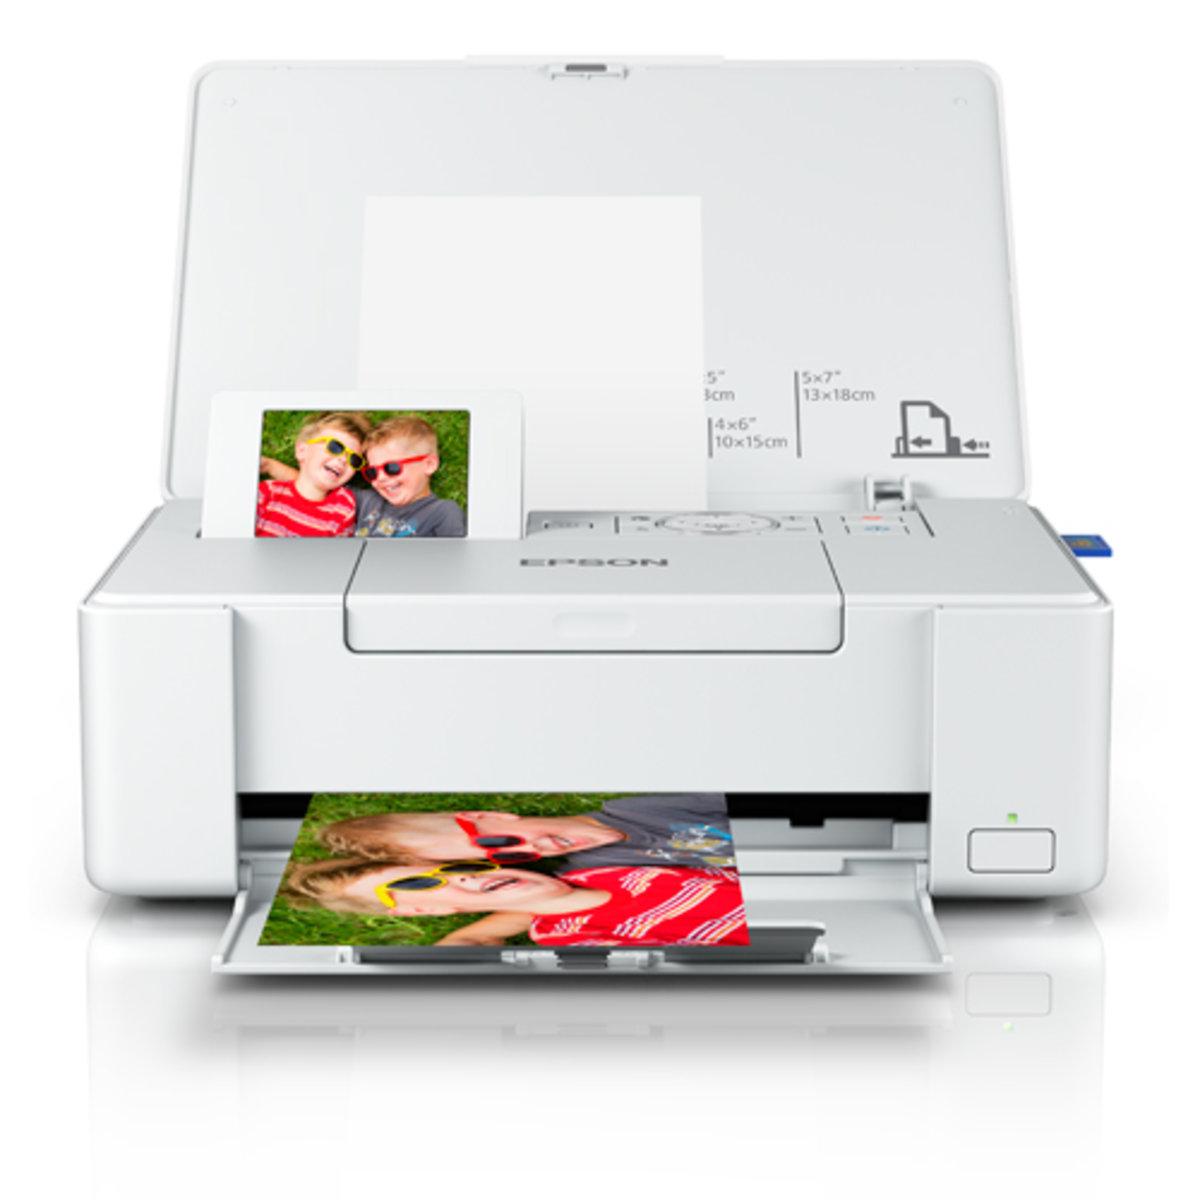 Epson Pm 401 Photo Printer Color White Hktvmall